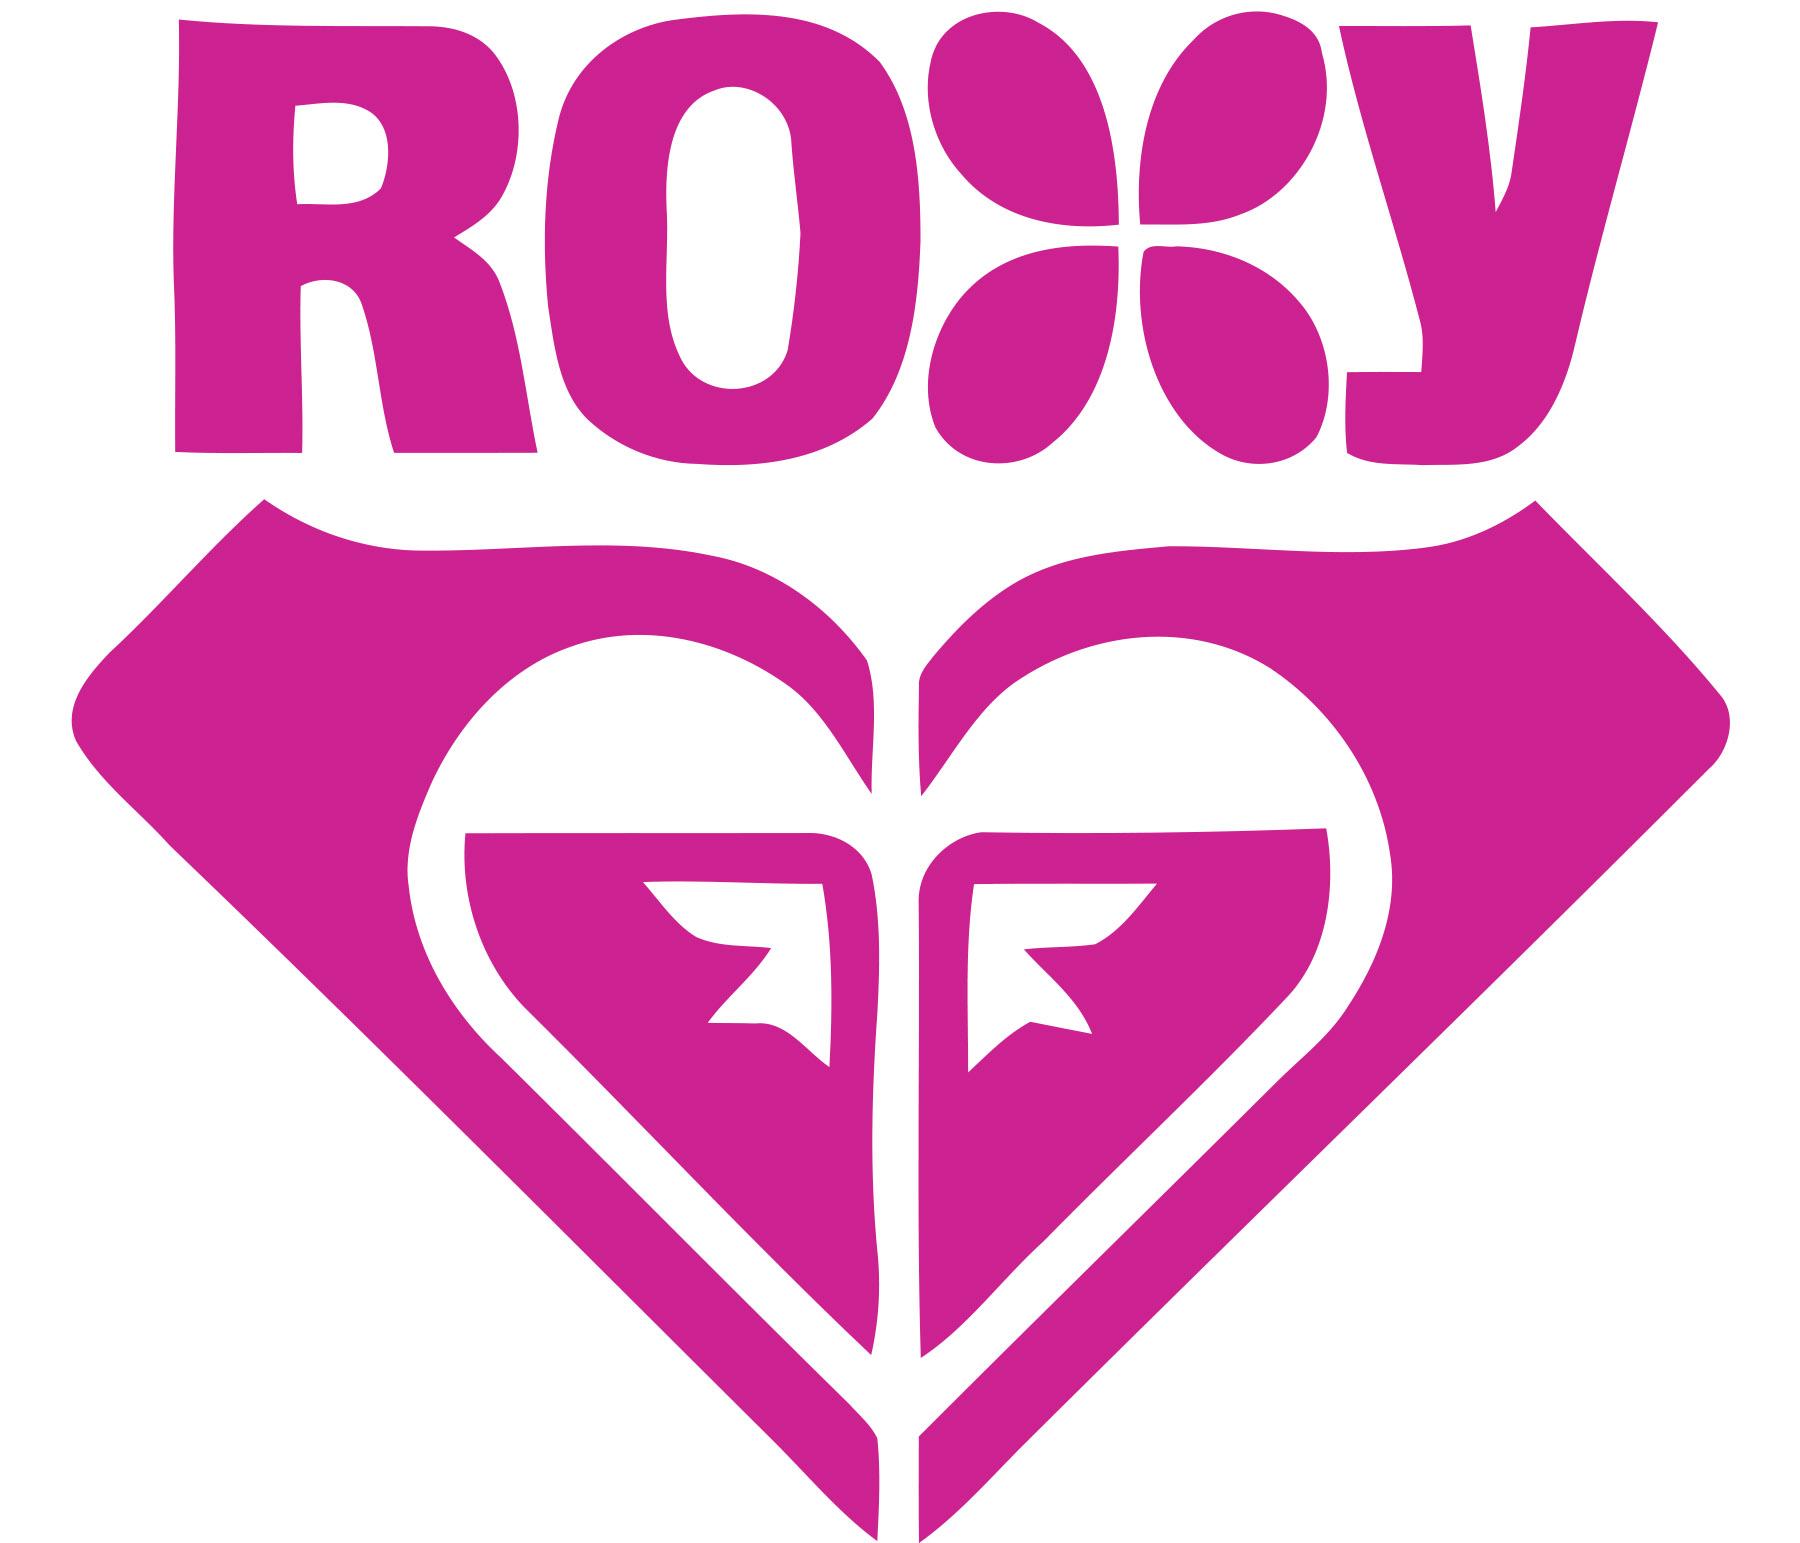 Roxy, la marca de ropa y accesorios femeninos, es filial de Quiksilver, y oculta un secreto subliminal bastante ingenioso.